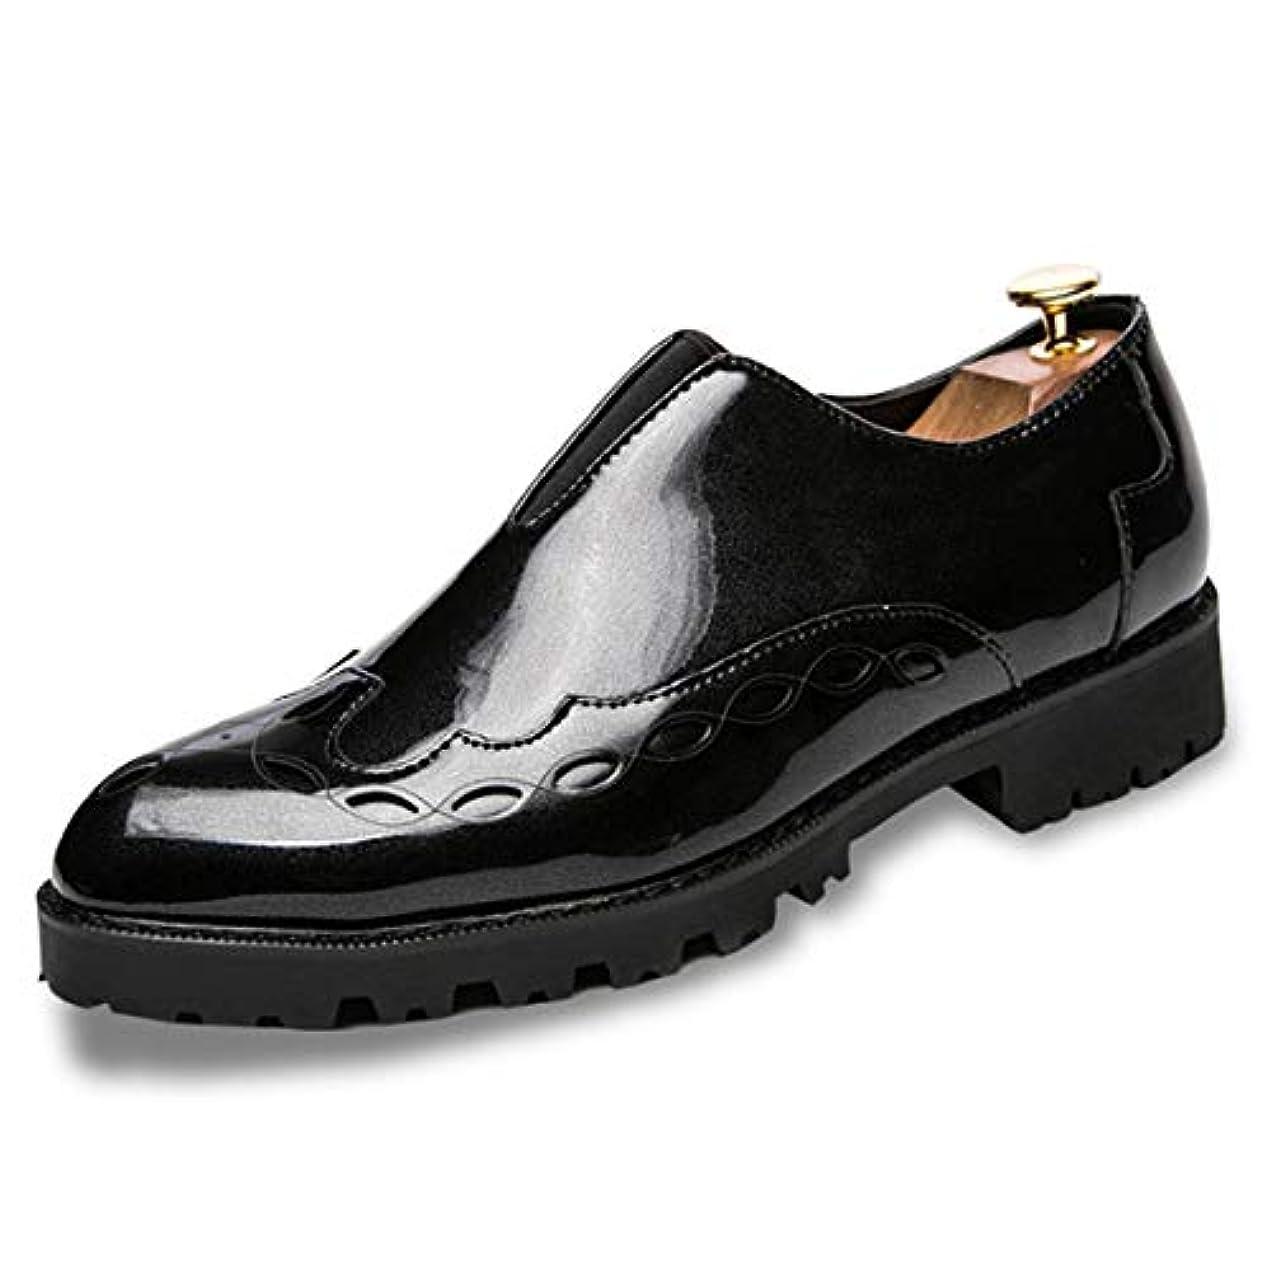 小さいアラビア語輸血[Poly] メンズシューズ レザーシューズ ドレスシューズ ビジネスシューズ カジュアル靴 紳士靴 ハイヒール エナメル ストレートチップ G-R22519